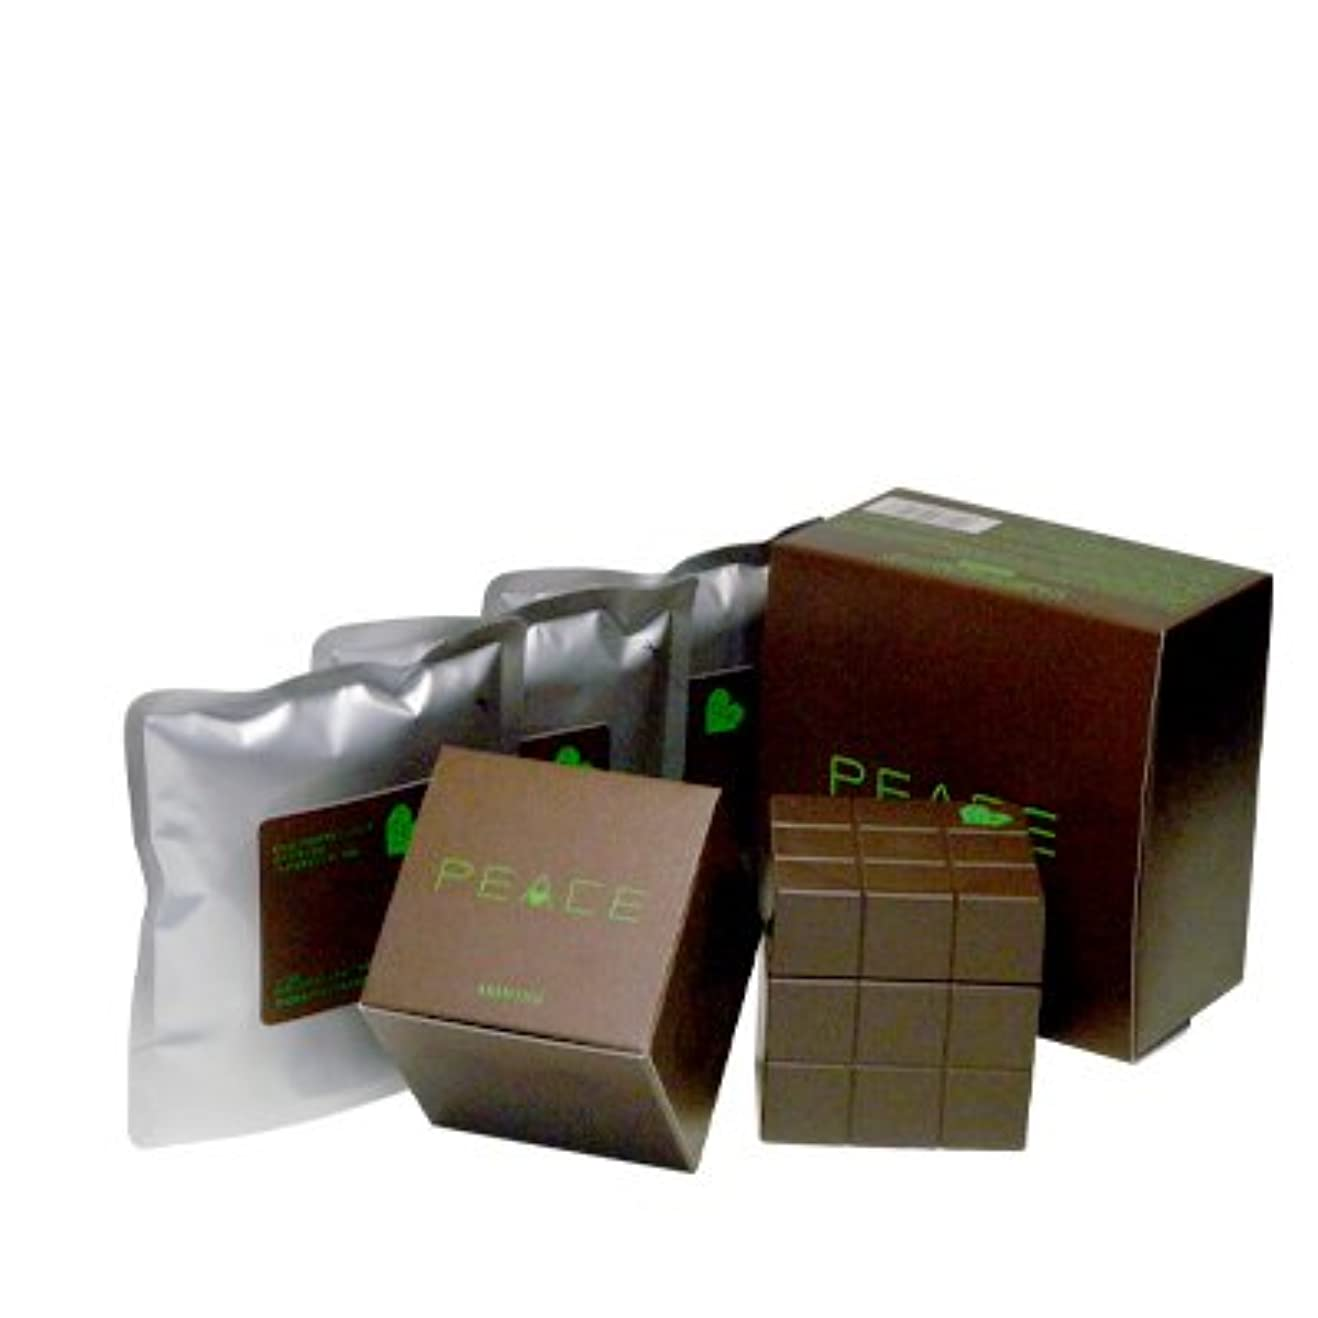 残高貪欲火炎アリミノ ピース プロデザインシリーズ ハードワックス チョコ80g+詰め替え80g×3